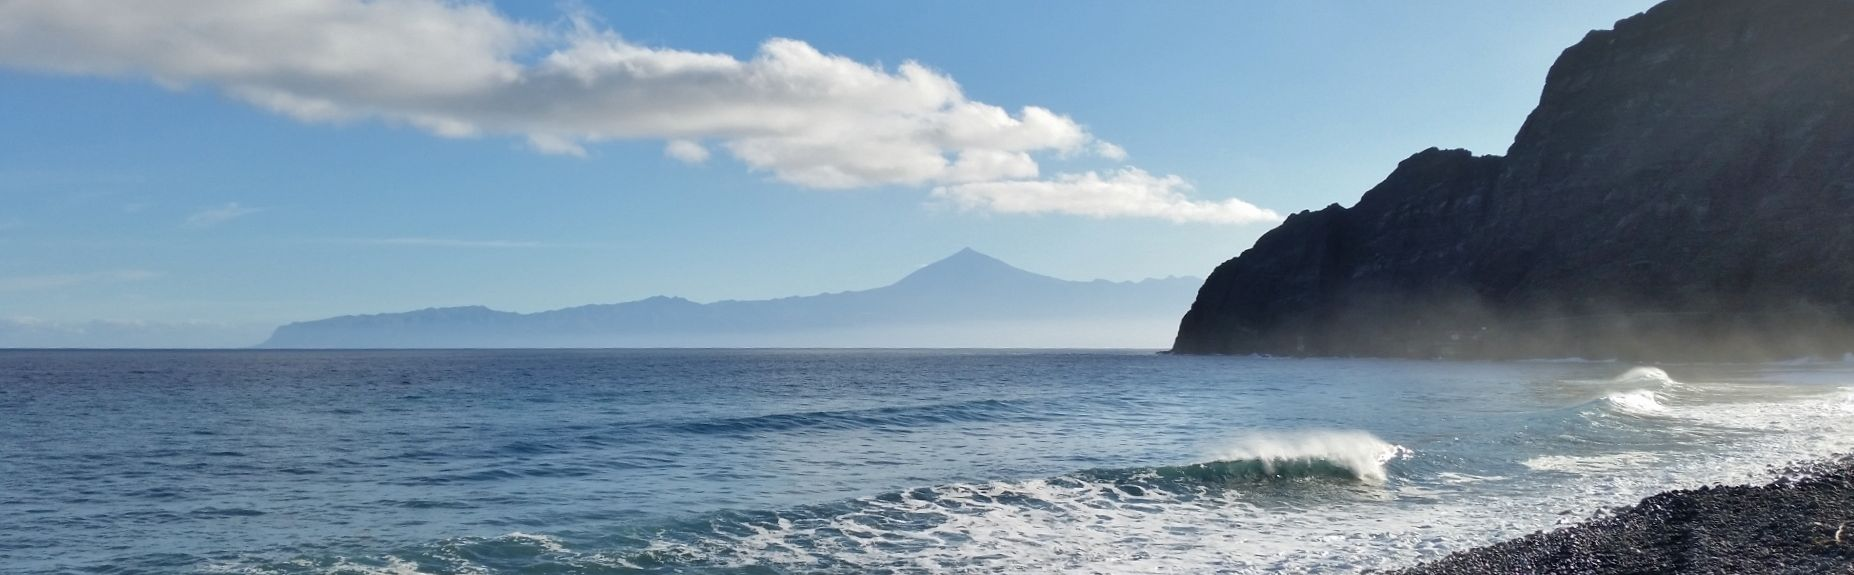 Agulo, Îles Canaries, Espagne